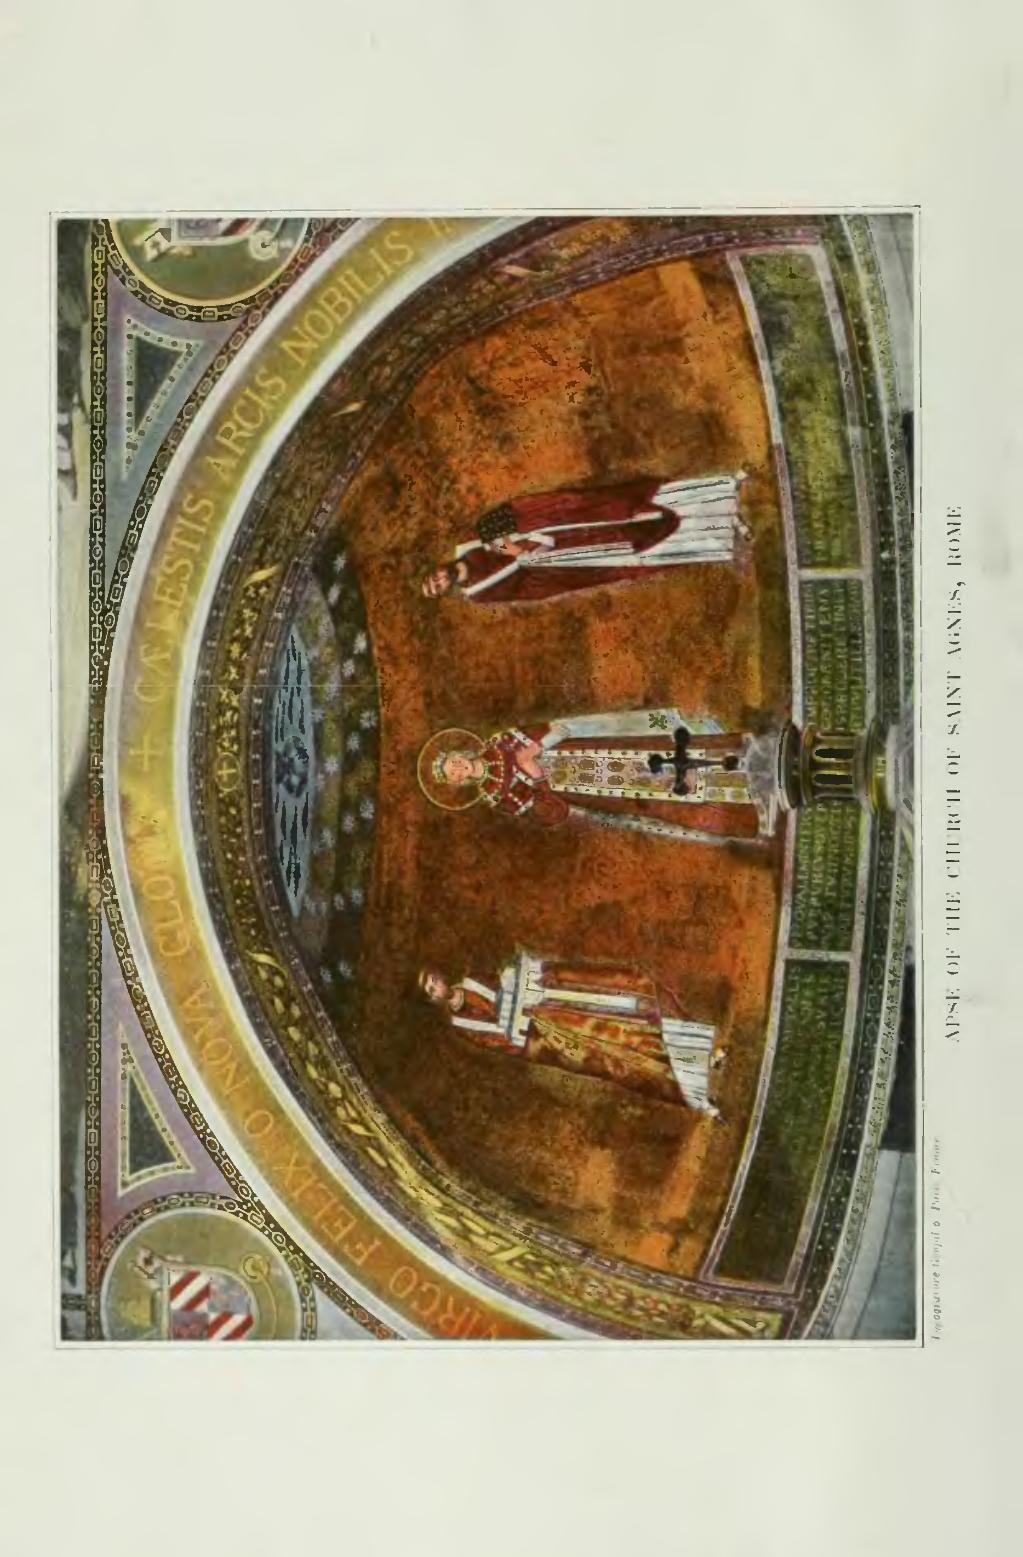 Católica - Enciclopedia Católica - Catholic Online